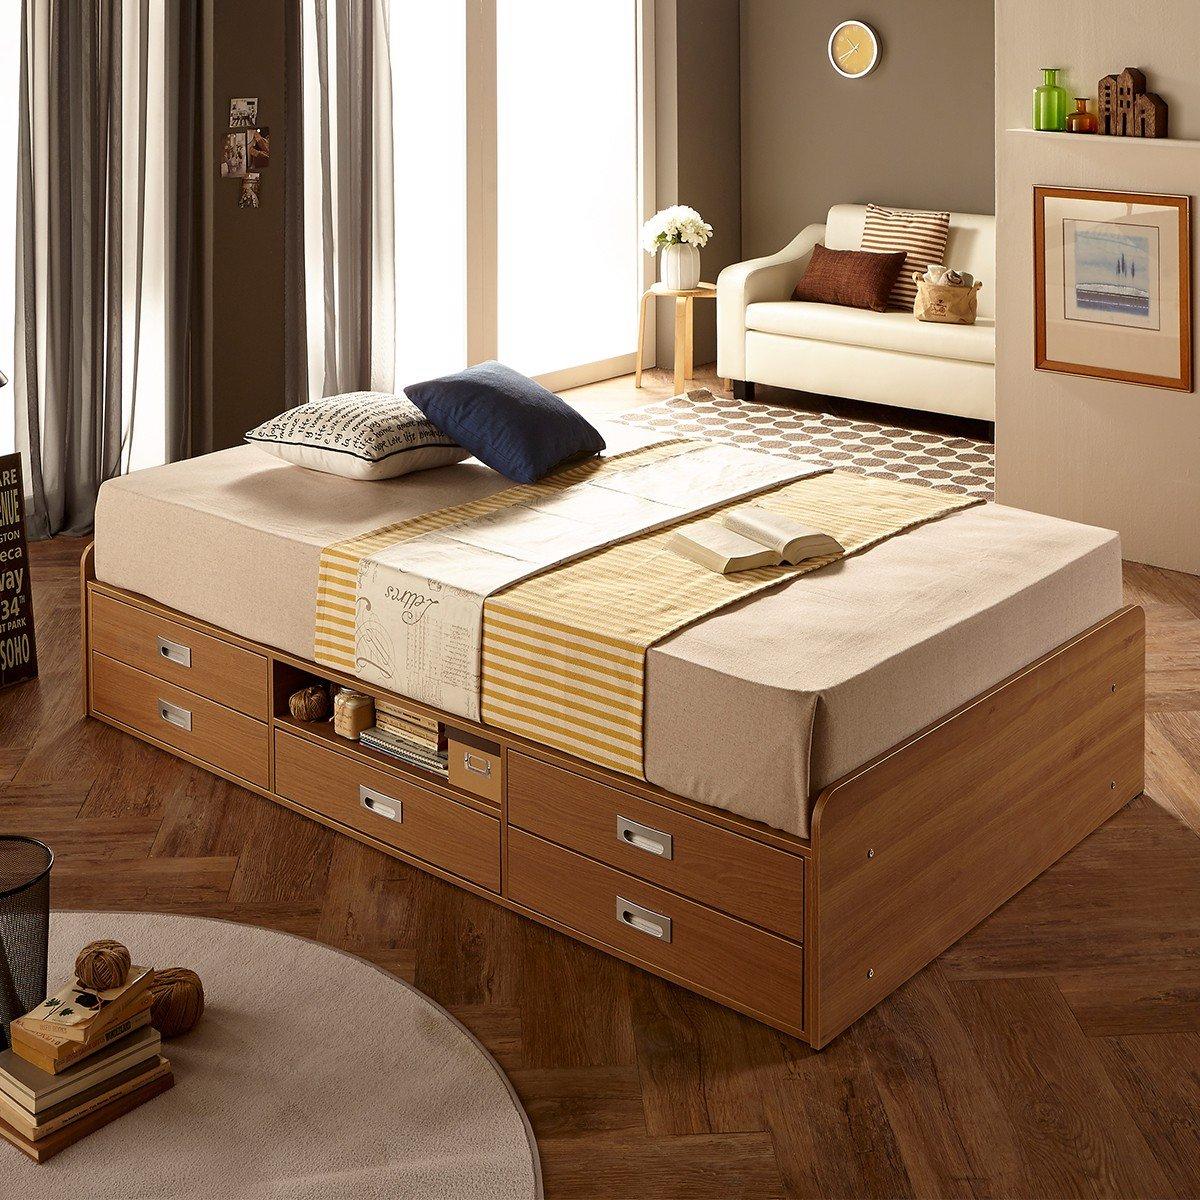 Giường gỗ size SS có ngăn kéo 2 tầng